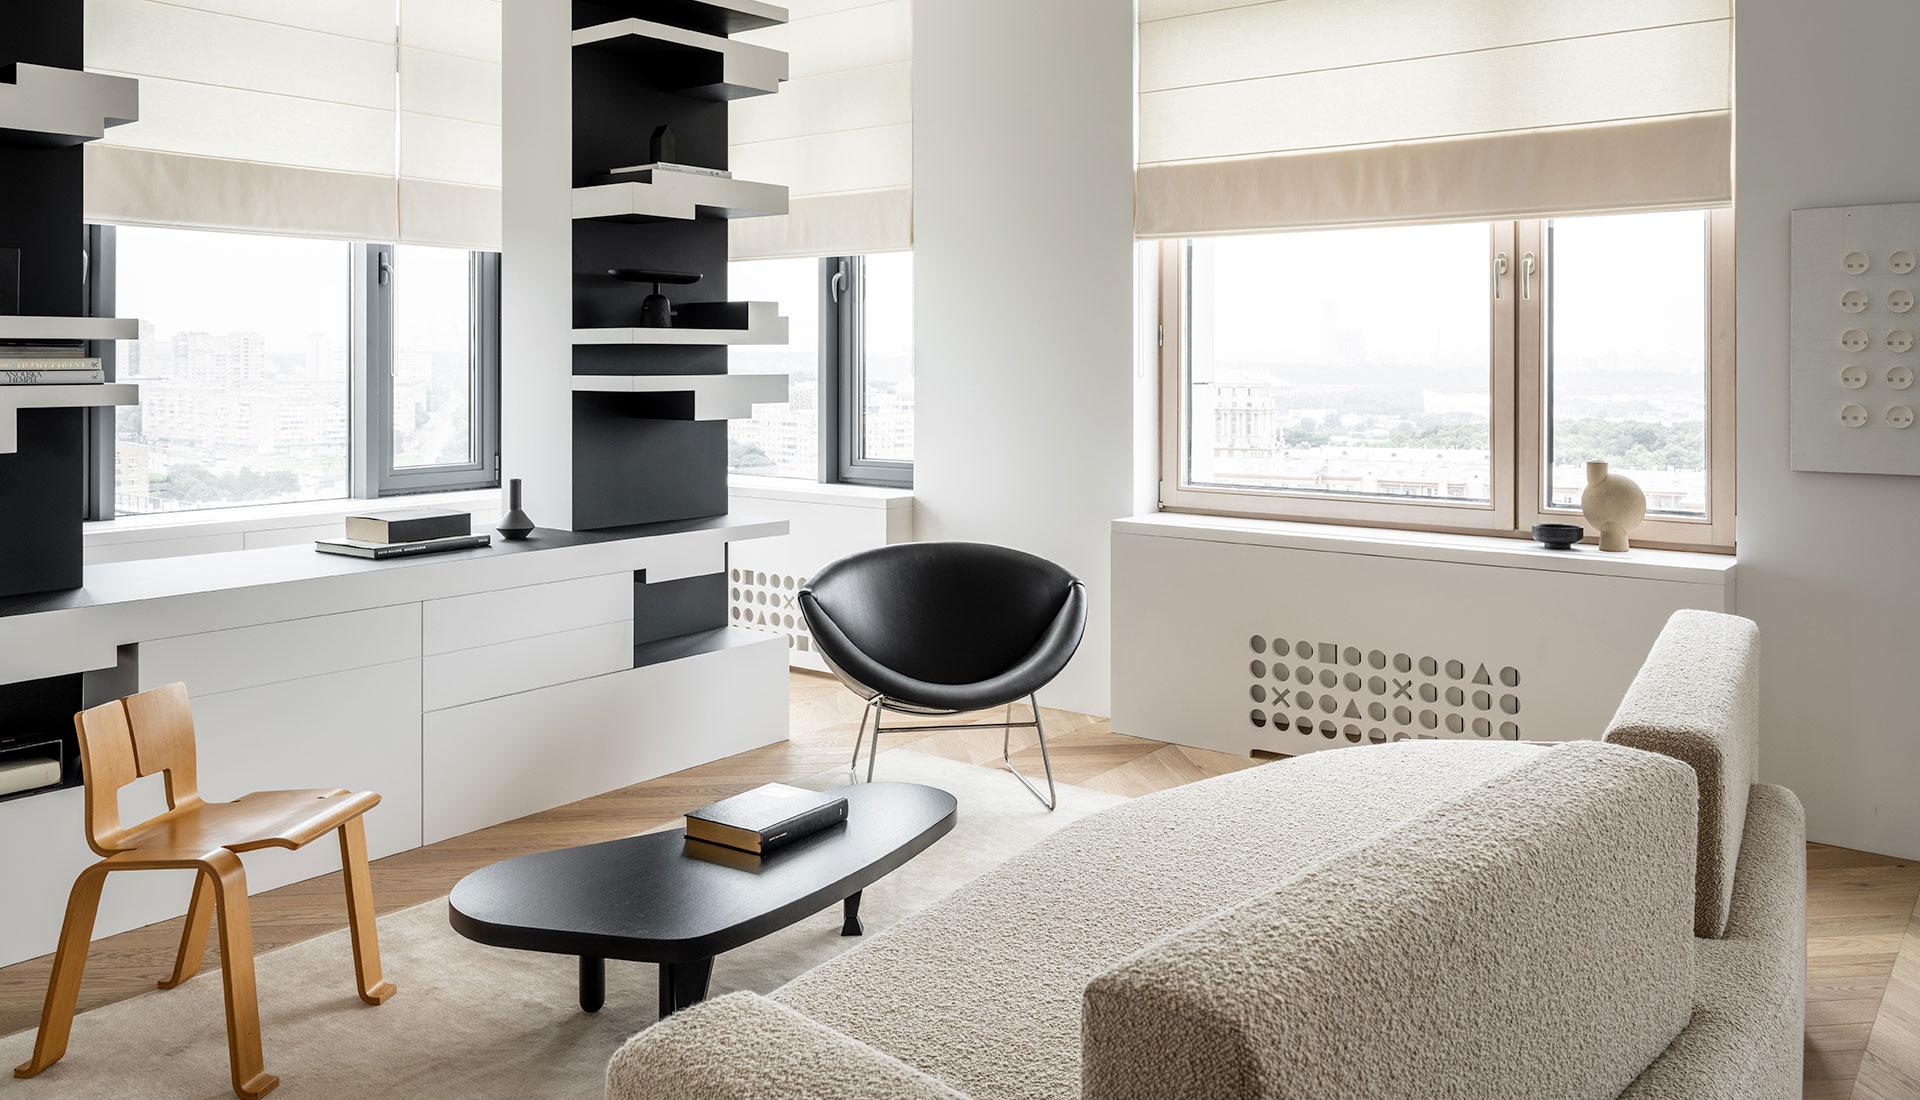 Сергей Храбровский: черно-белая квартира в Москве